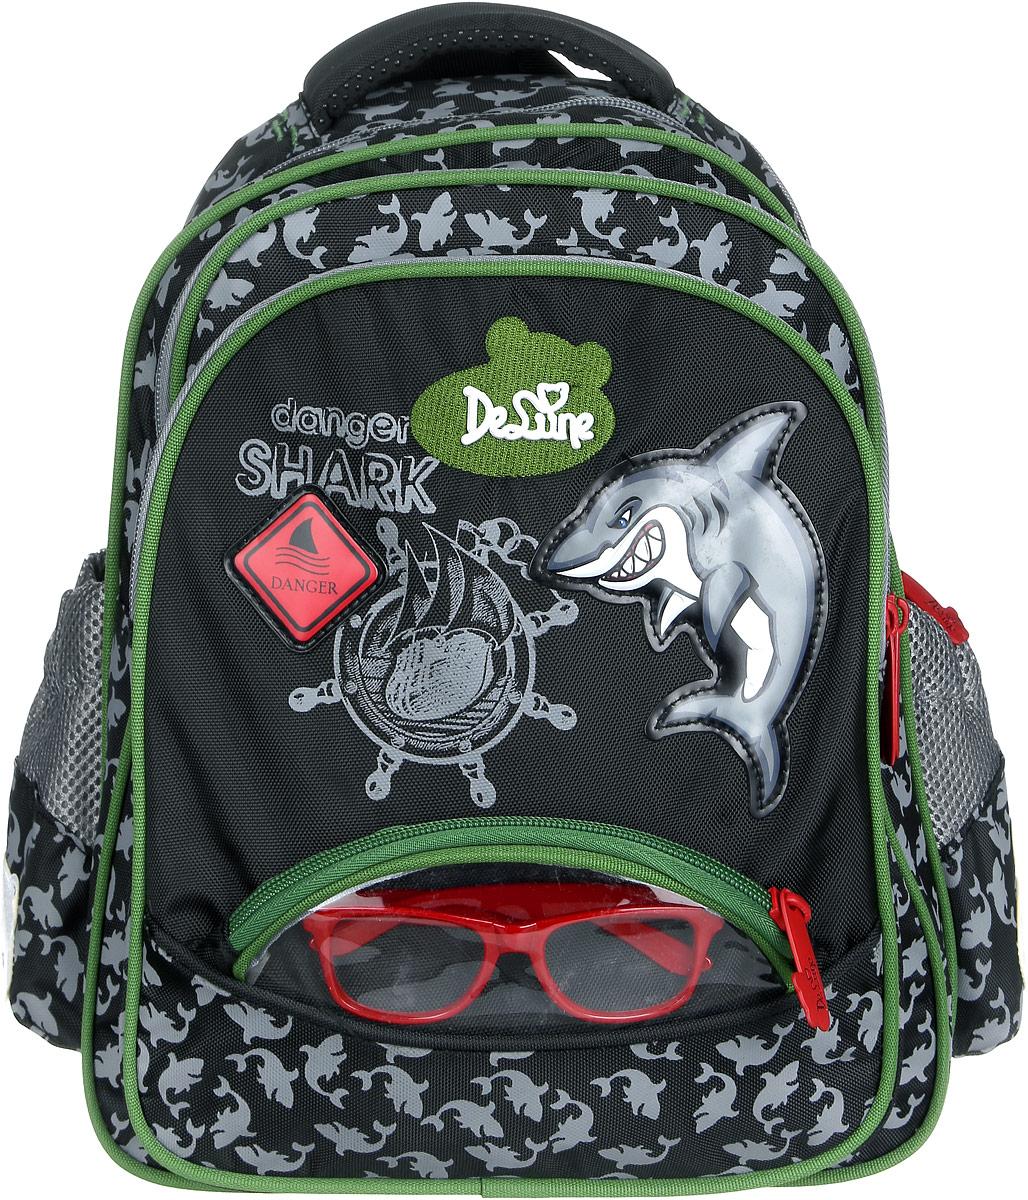 DeLune Рюкзак детский Danger Shark цвет черный серый зеленый54-08Детский рюкзак DeLune Danger Shark имеет мягко-каркасную форму. Эта уникальная технология позволяет держать форму даже при полностью пустом рюкзаке, не прогибается и не меняет форму под весом. Рюкзак содержит два вместительных отделения, закрывающихся на застежки-молнии известной фирмы SBS. В большом отделении находятся два пластиковых разделителя для тетрадей или учебников, фиксирующиеся резинкой, а также два открытых сетчатых кармана и нашивная бирка для заполнения личных данных владельца. В следующем отделении расположен открытый карман-сетка. Дно рюкзака можно сделать более устойчивым, разложив специальную панель. Внутреннее оснащение рюкзака разработано по специальной системе распределения вещей Open access, что позволяет удобно распределить школьные принадлежности ребенка. Лицевая сторона рюкзака оснащена накладным карманом на застежке-молнии. Внутри него расположен органайзер для канцелярских принадлежностей. Модные пластиковые очки (без стекол) для детей находятся в...